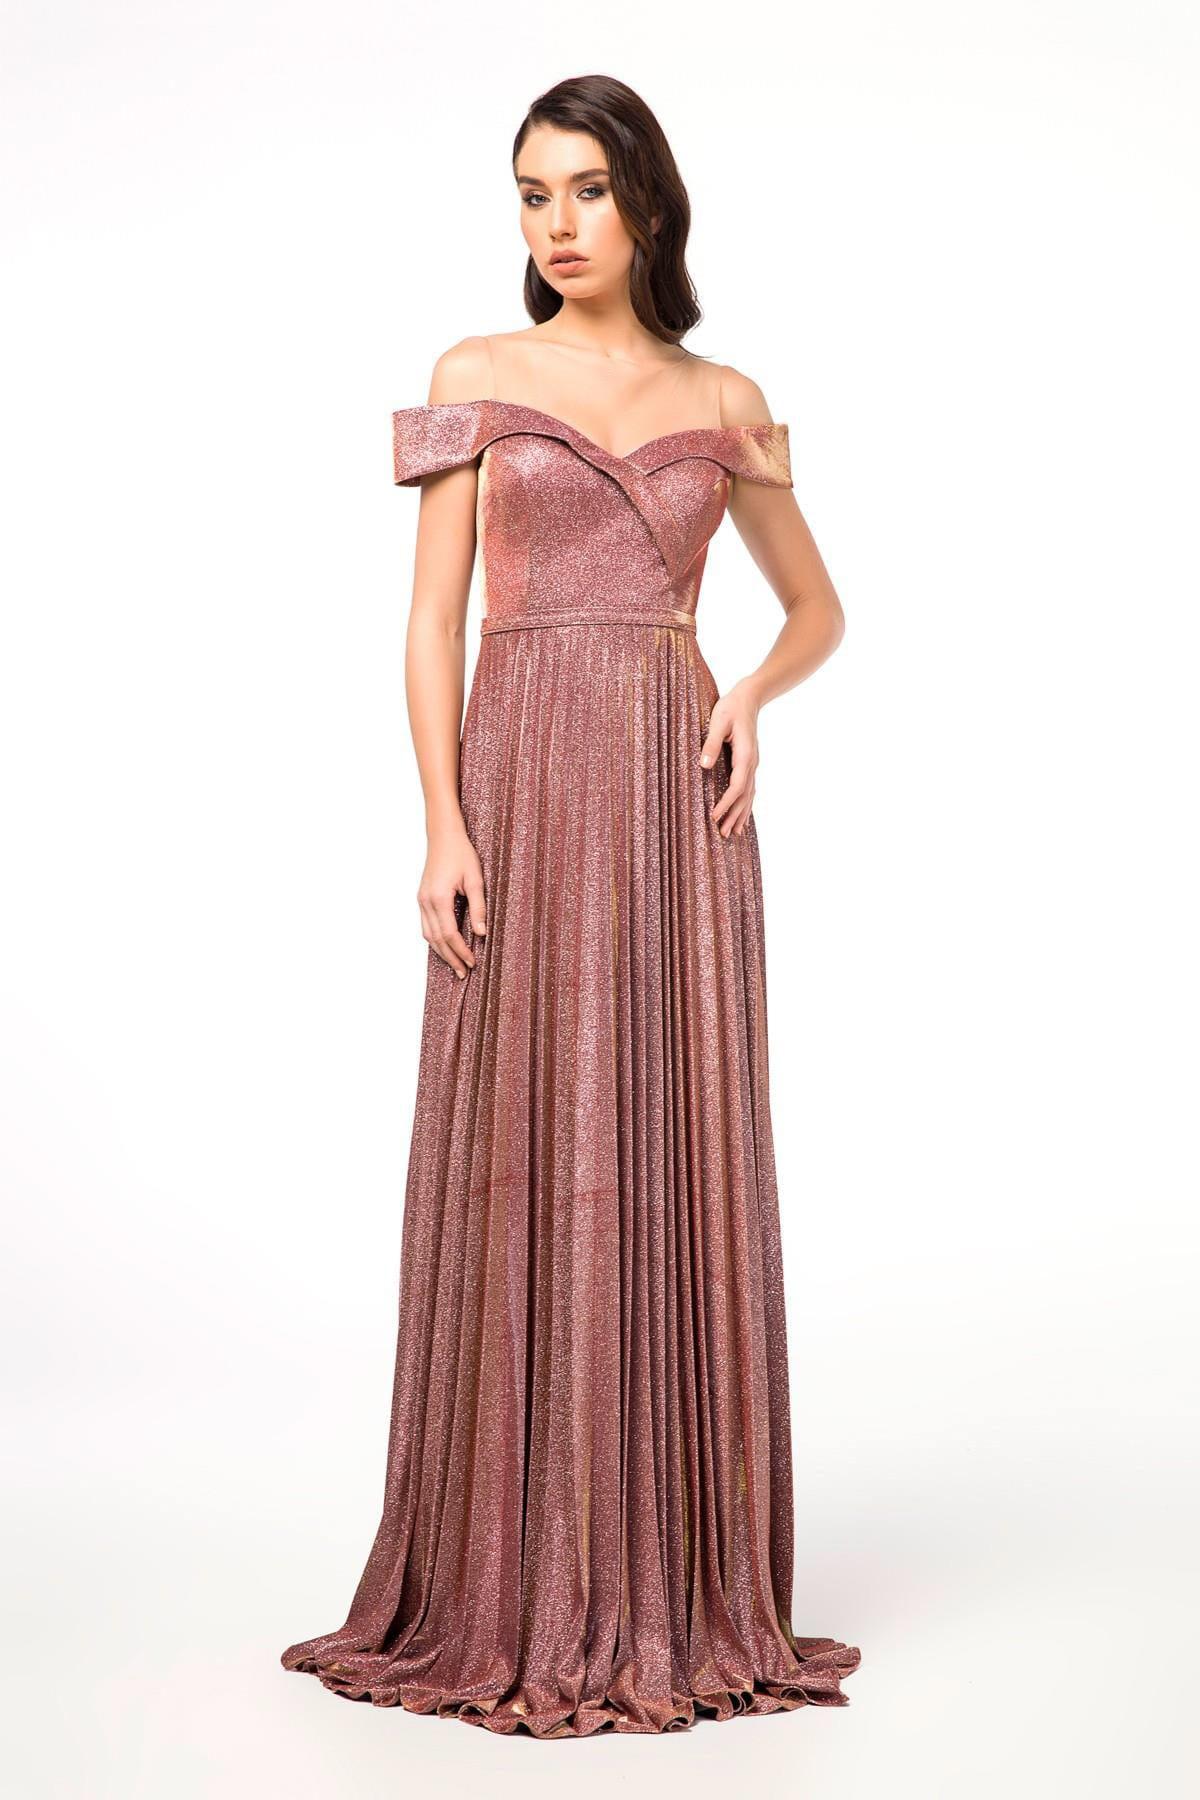 c788b77bd1519 Abiye Sarayı Kadın Bordo Renk Uzun Abiye Elbise WM149246 - Glami.com.tr